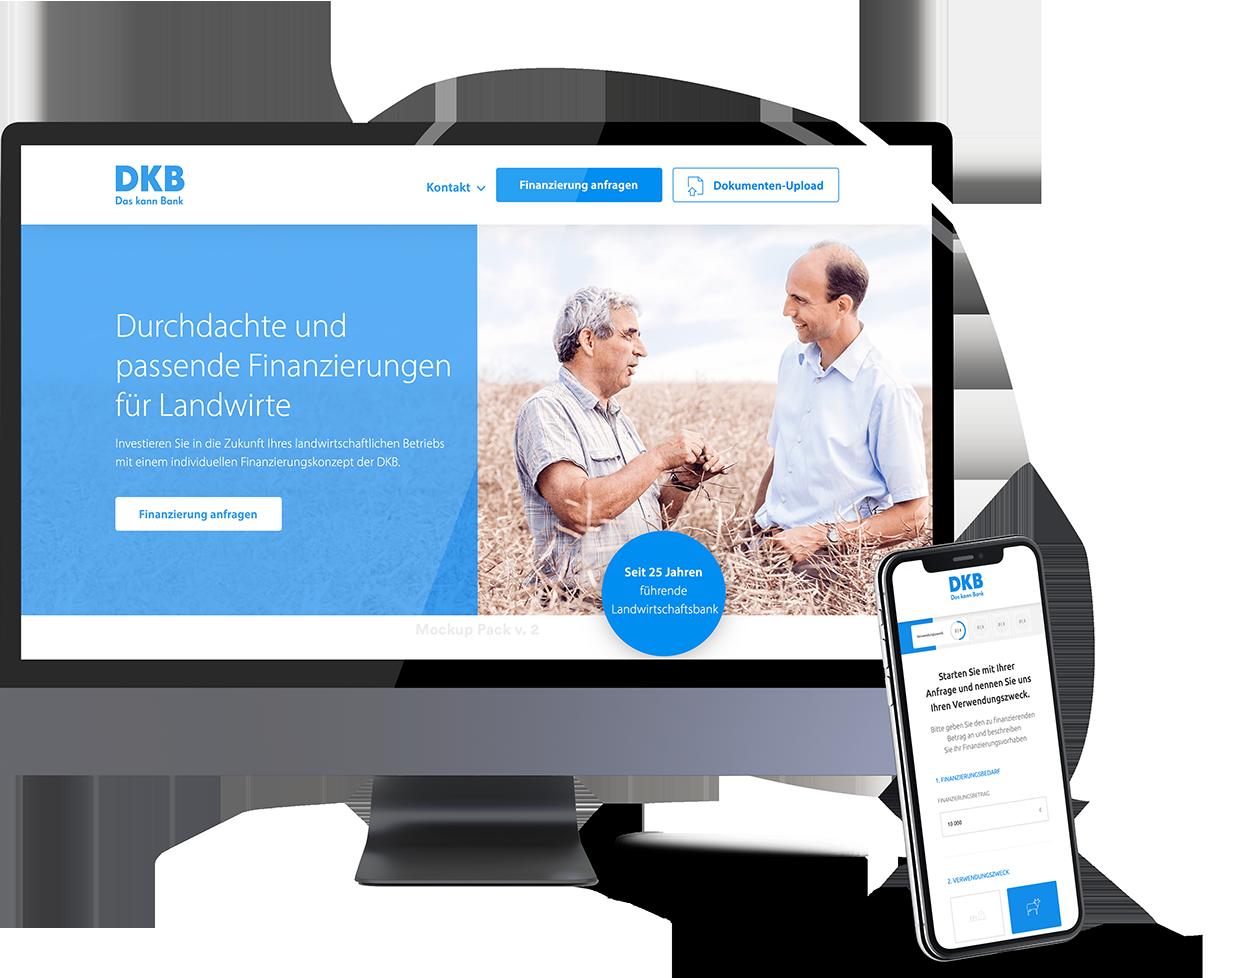 Deutsche Kreditbank AG Landingpage auf mobile und Desktop